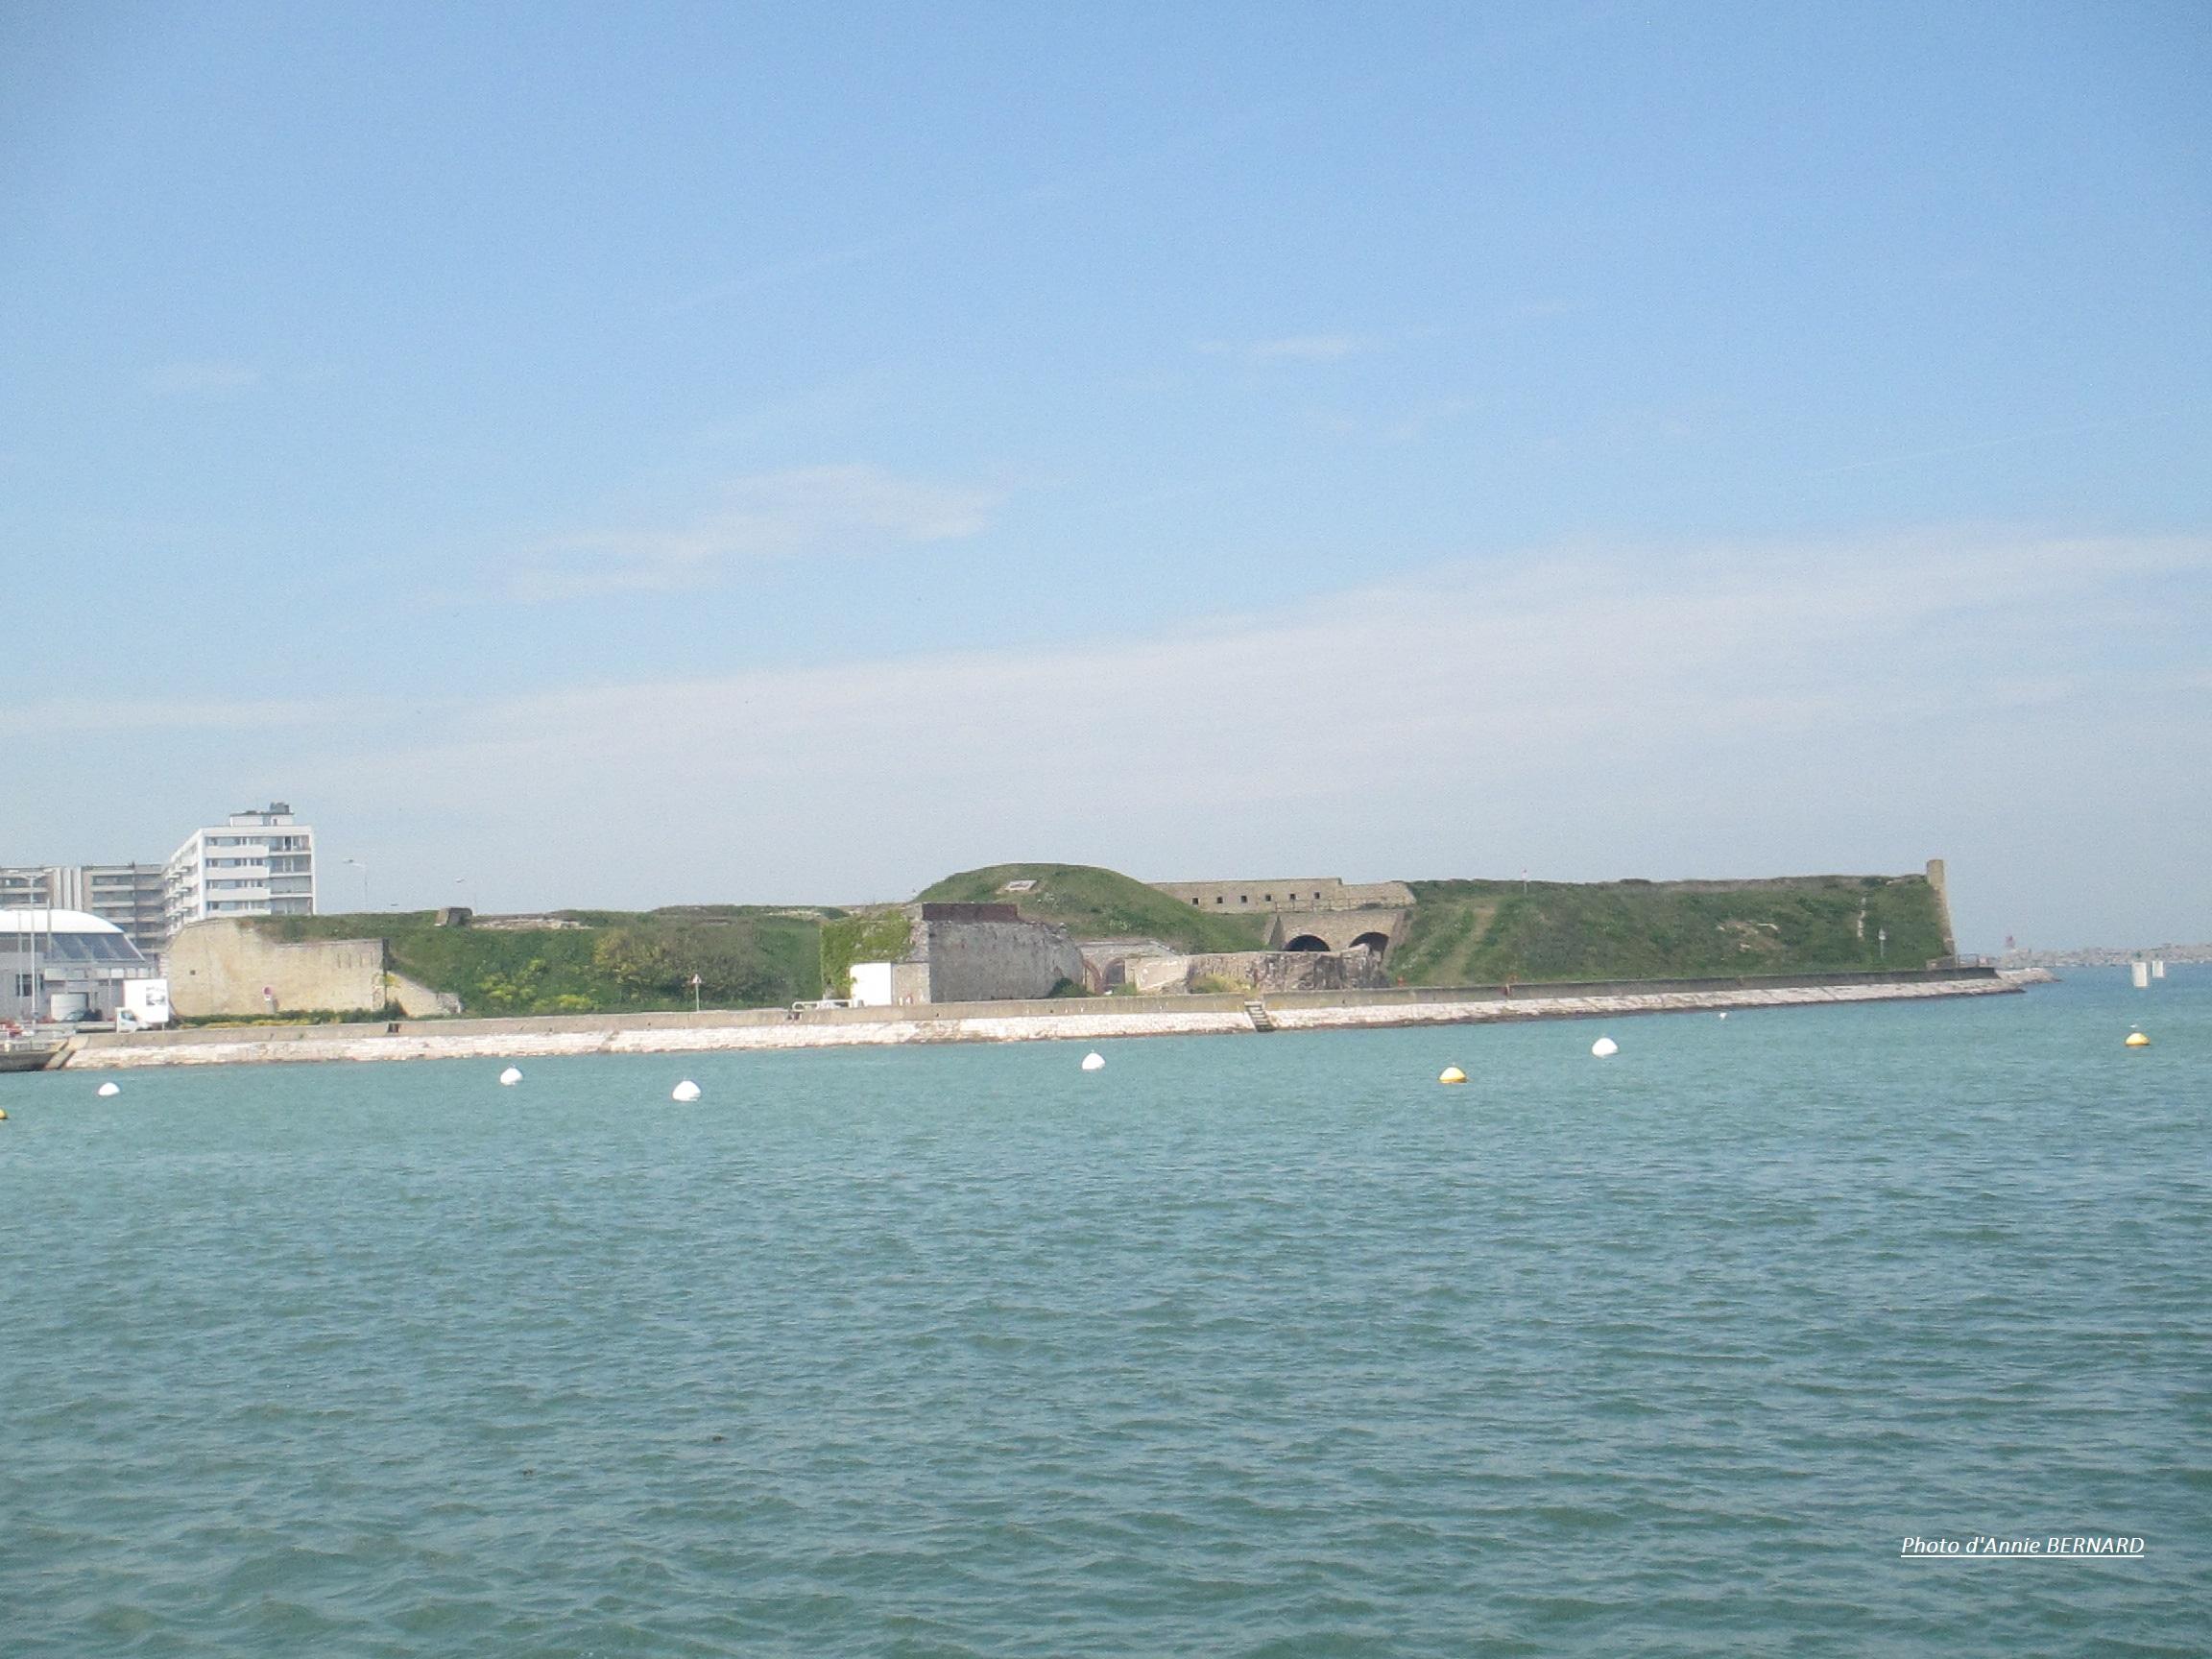 Très belle vue sur le Fort Risban, regardé du Courgain maritime de Calais